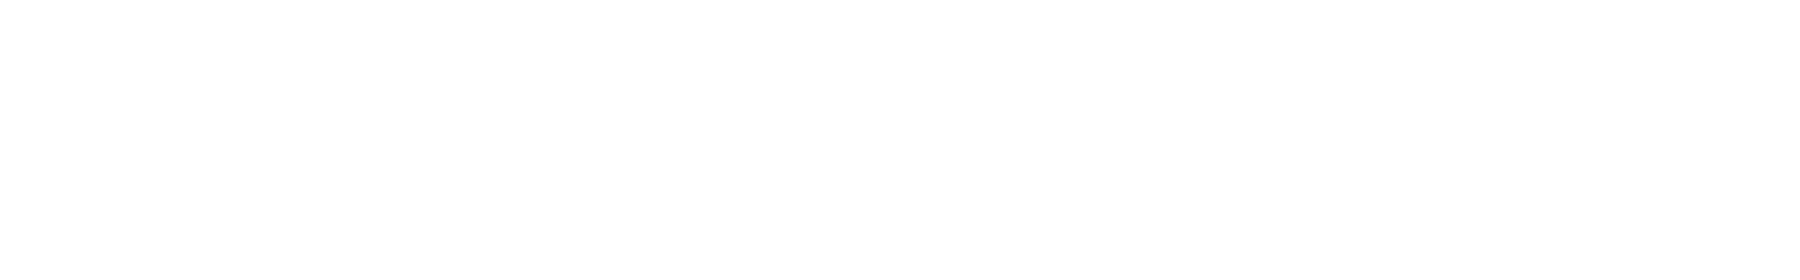 dubstep bassline 125